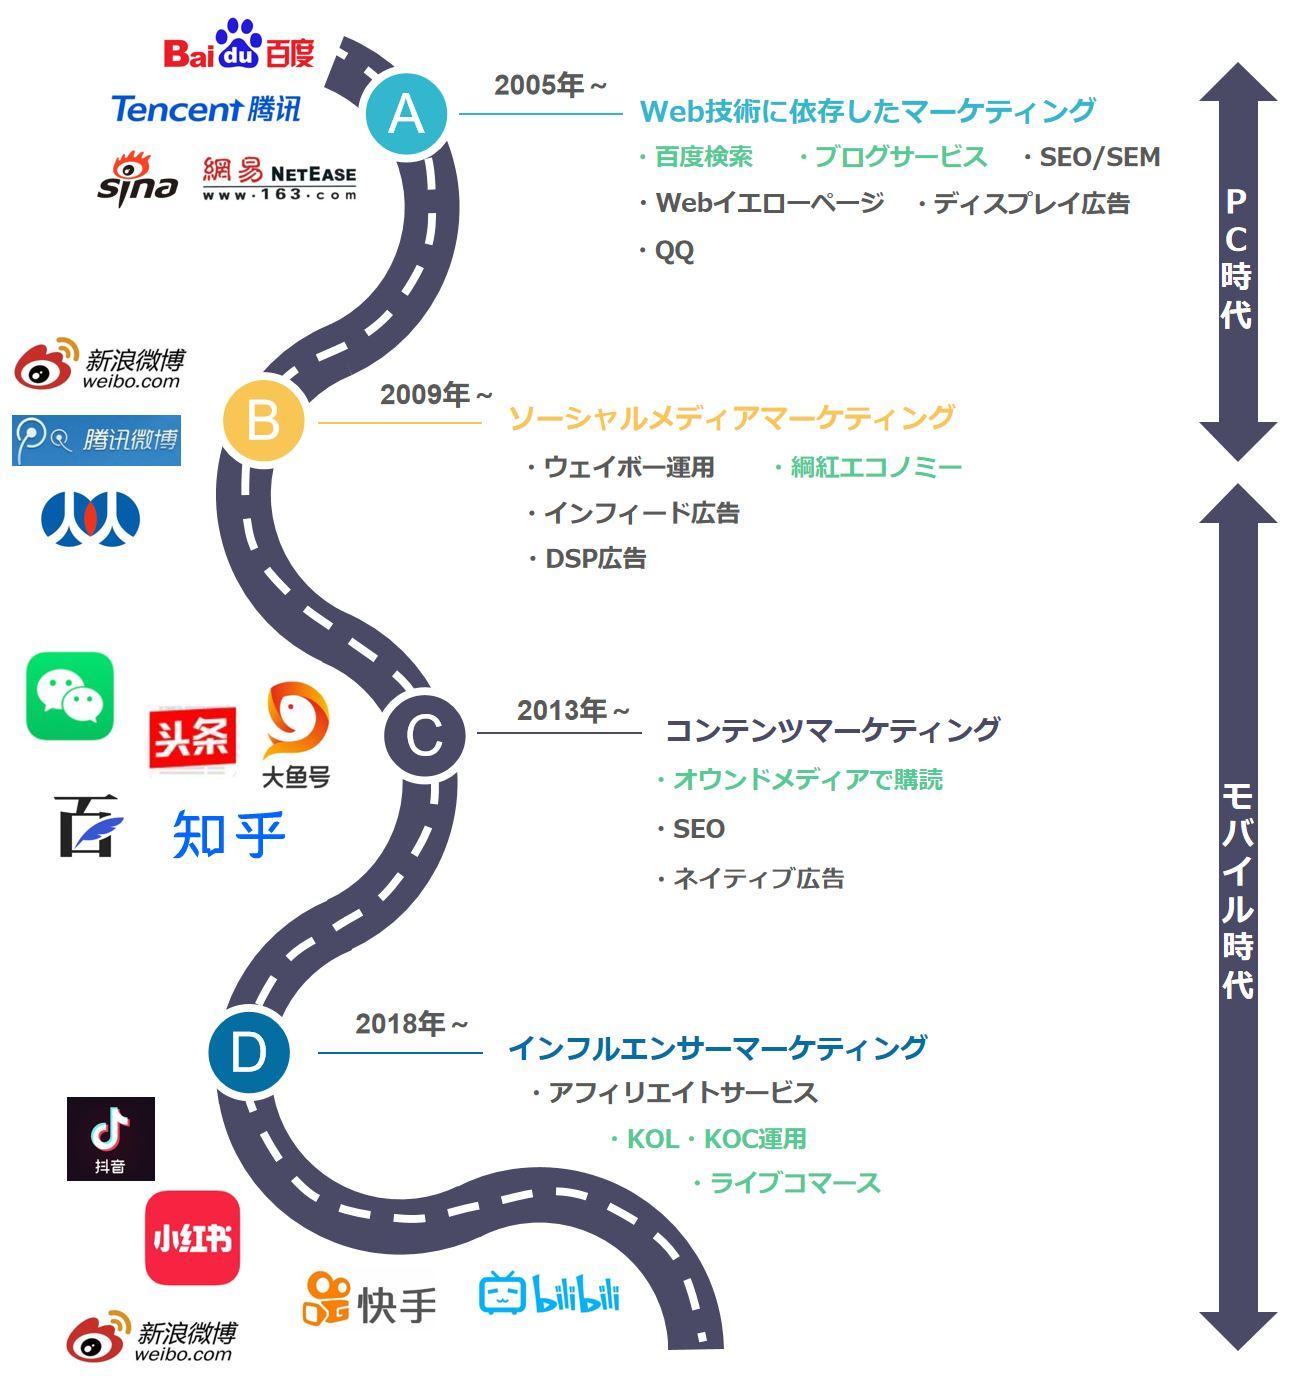 中国デジタルマーケティング歴史